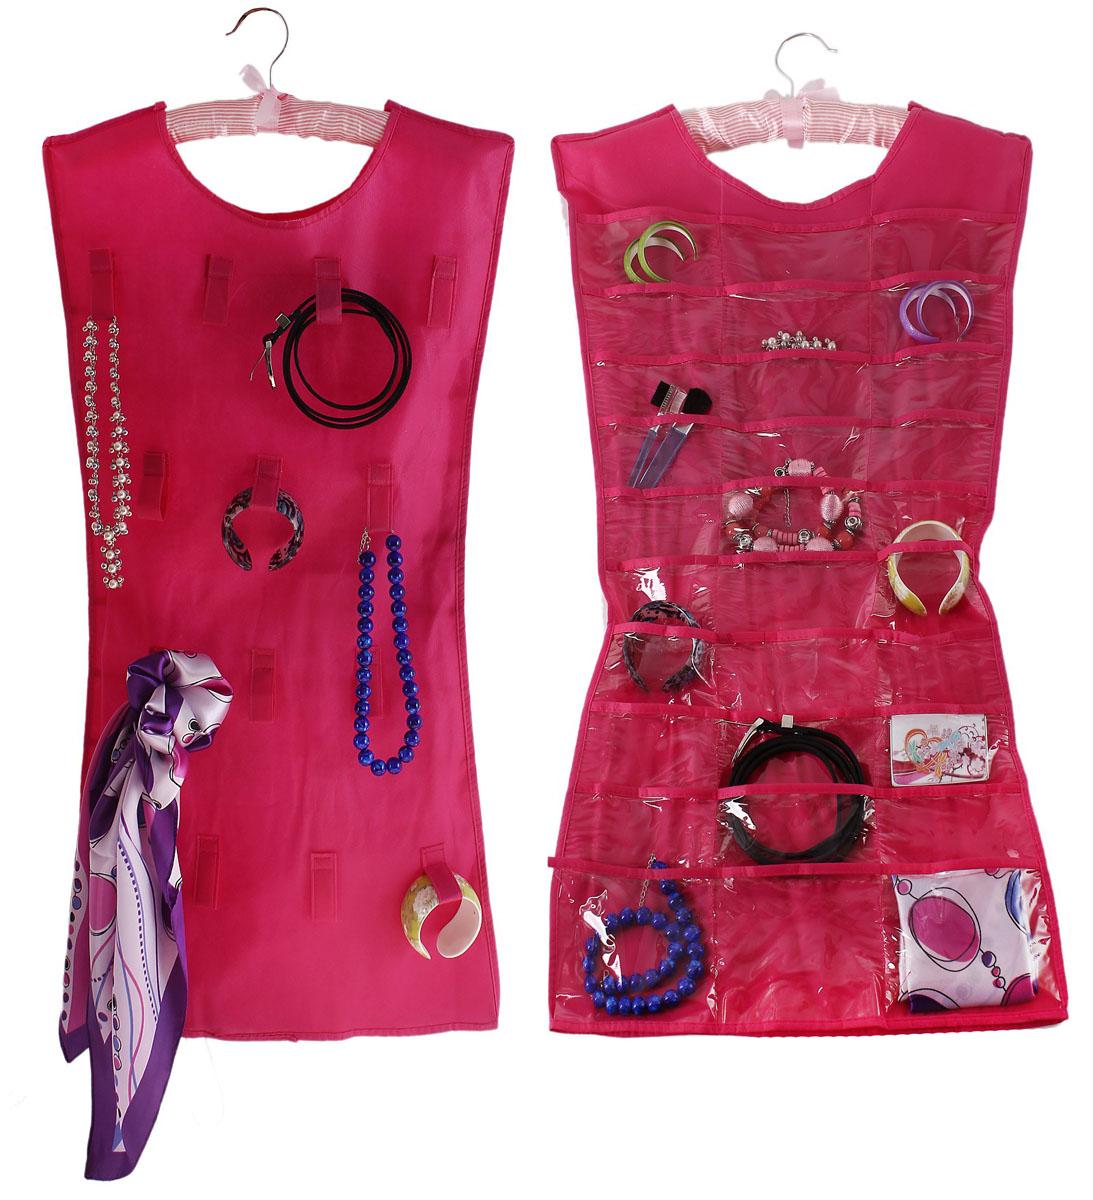 Органайзер для хранения бижутерии Sima-land, цвет: розовый, 30 отделений органайзер для мелочей eva этника 9 отделений 30 30 10